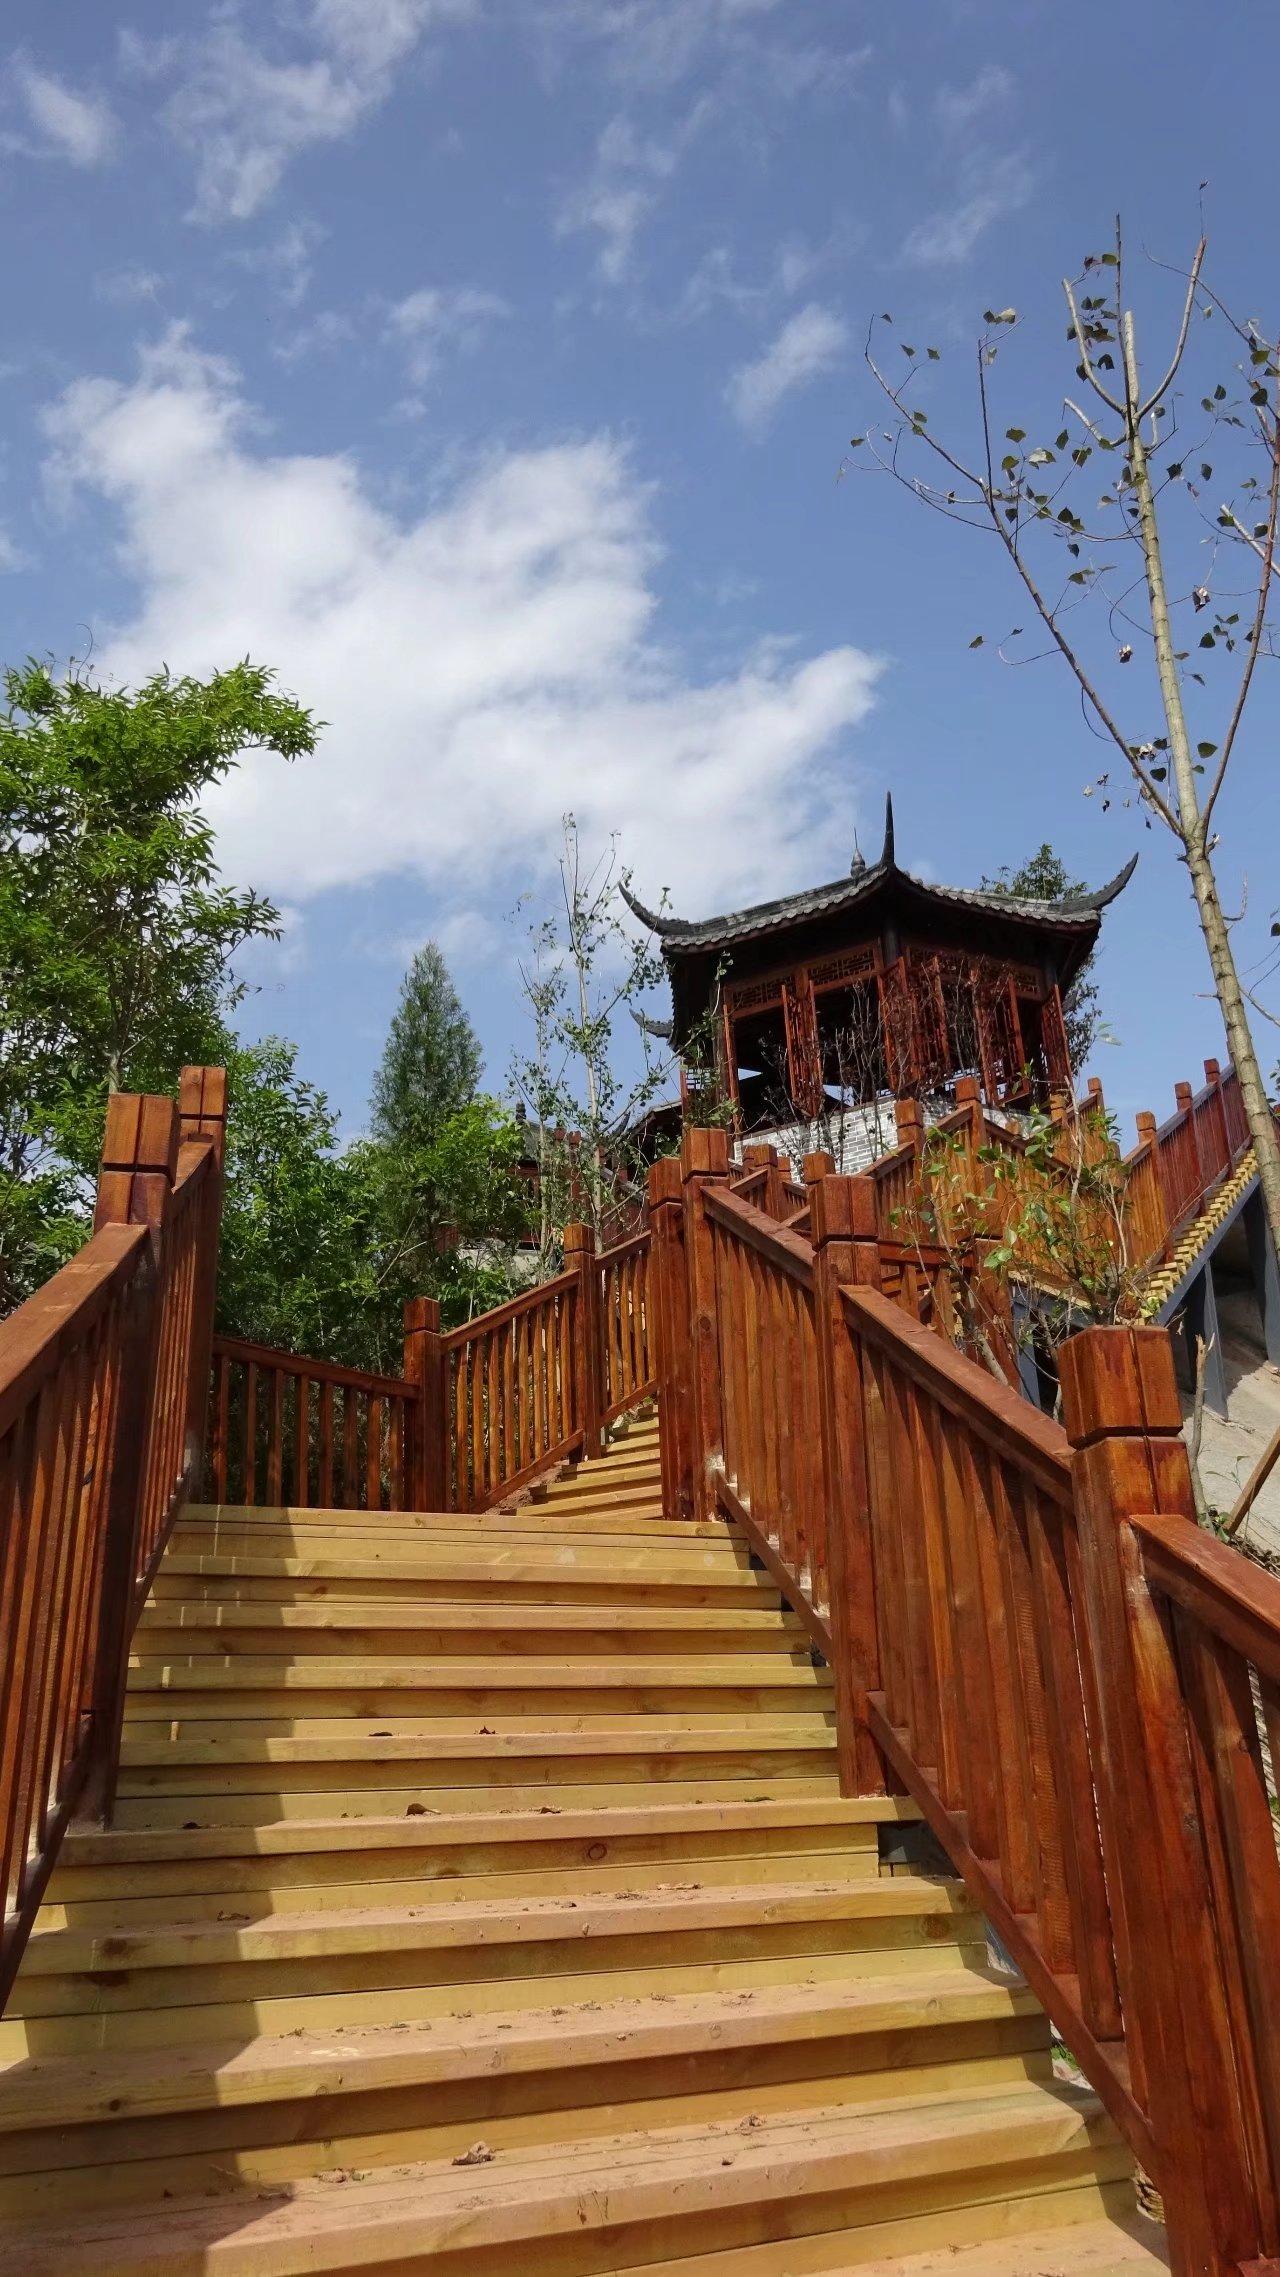 蓬安桑梓火锅公园施工进度(2018-05-10) - 第21张  | 蓬安在线